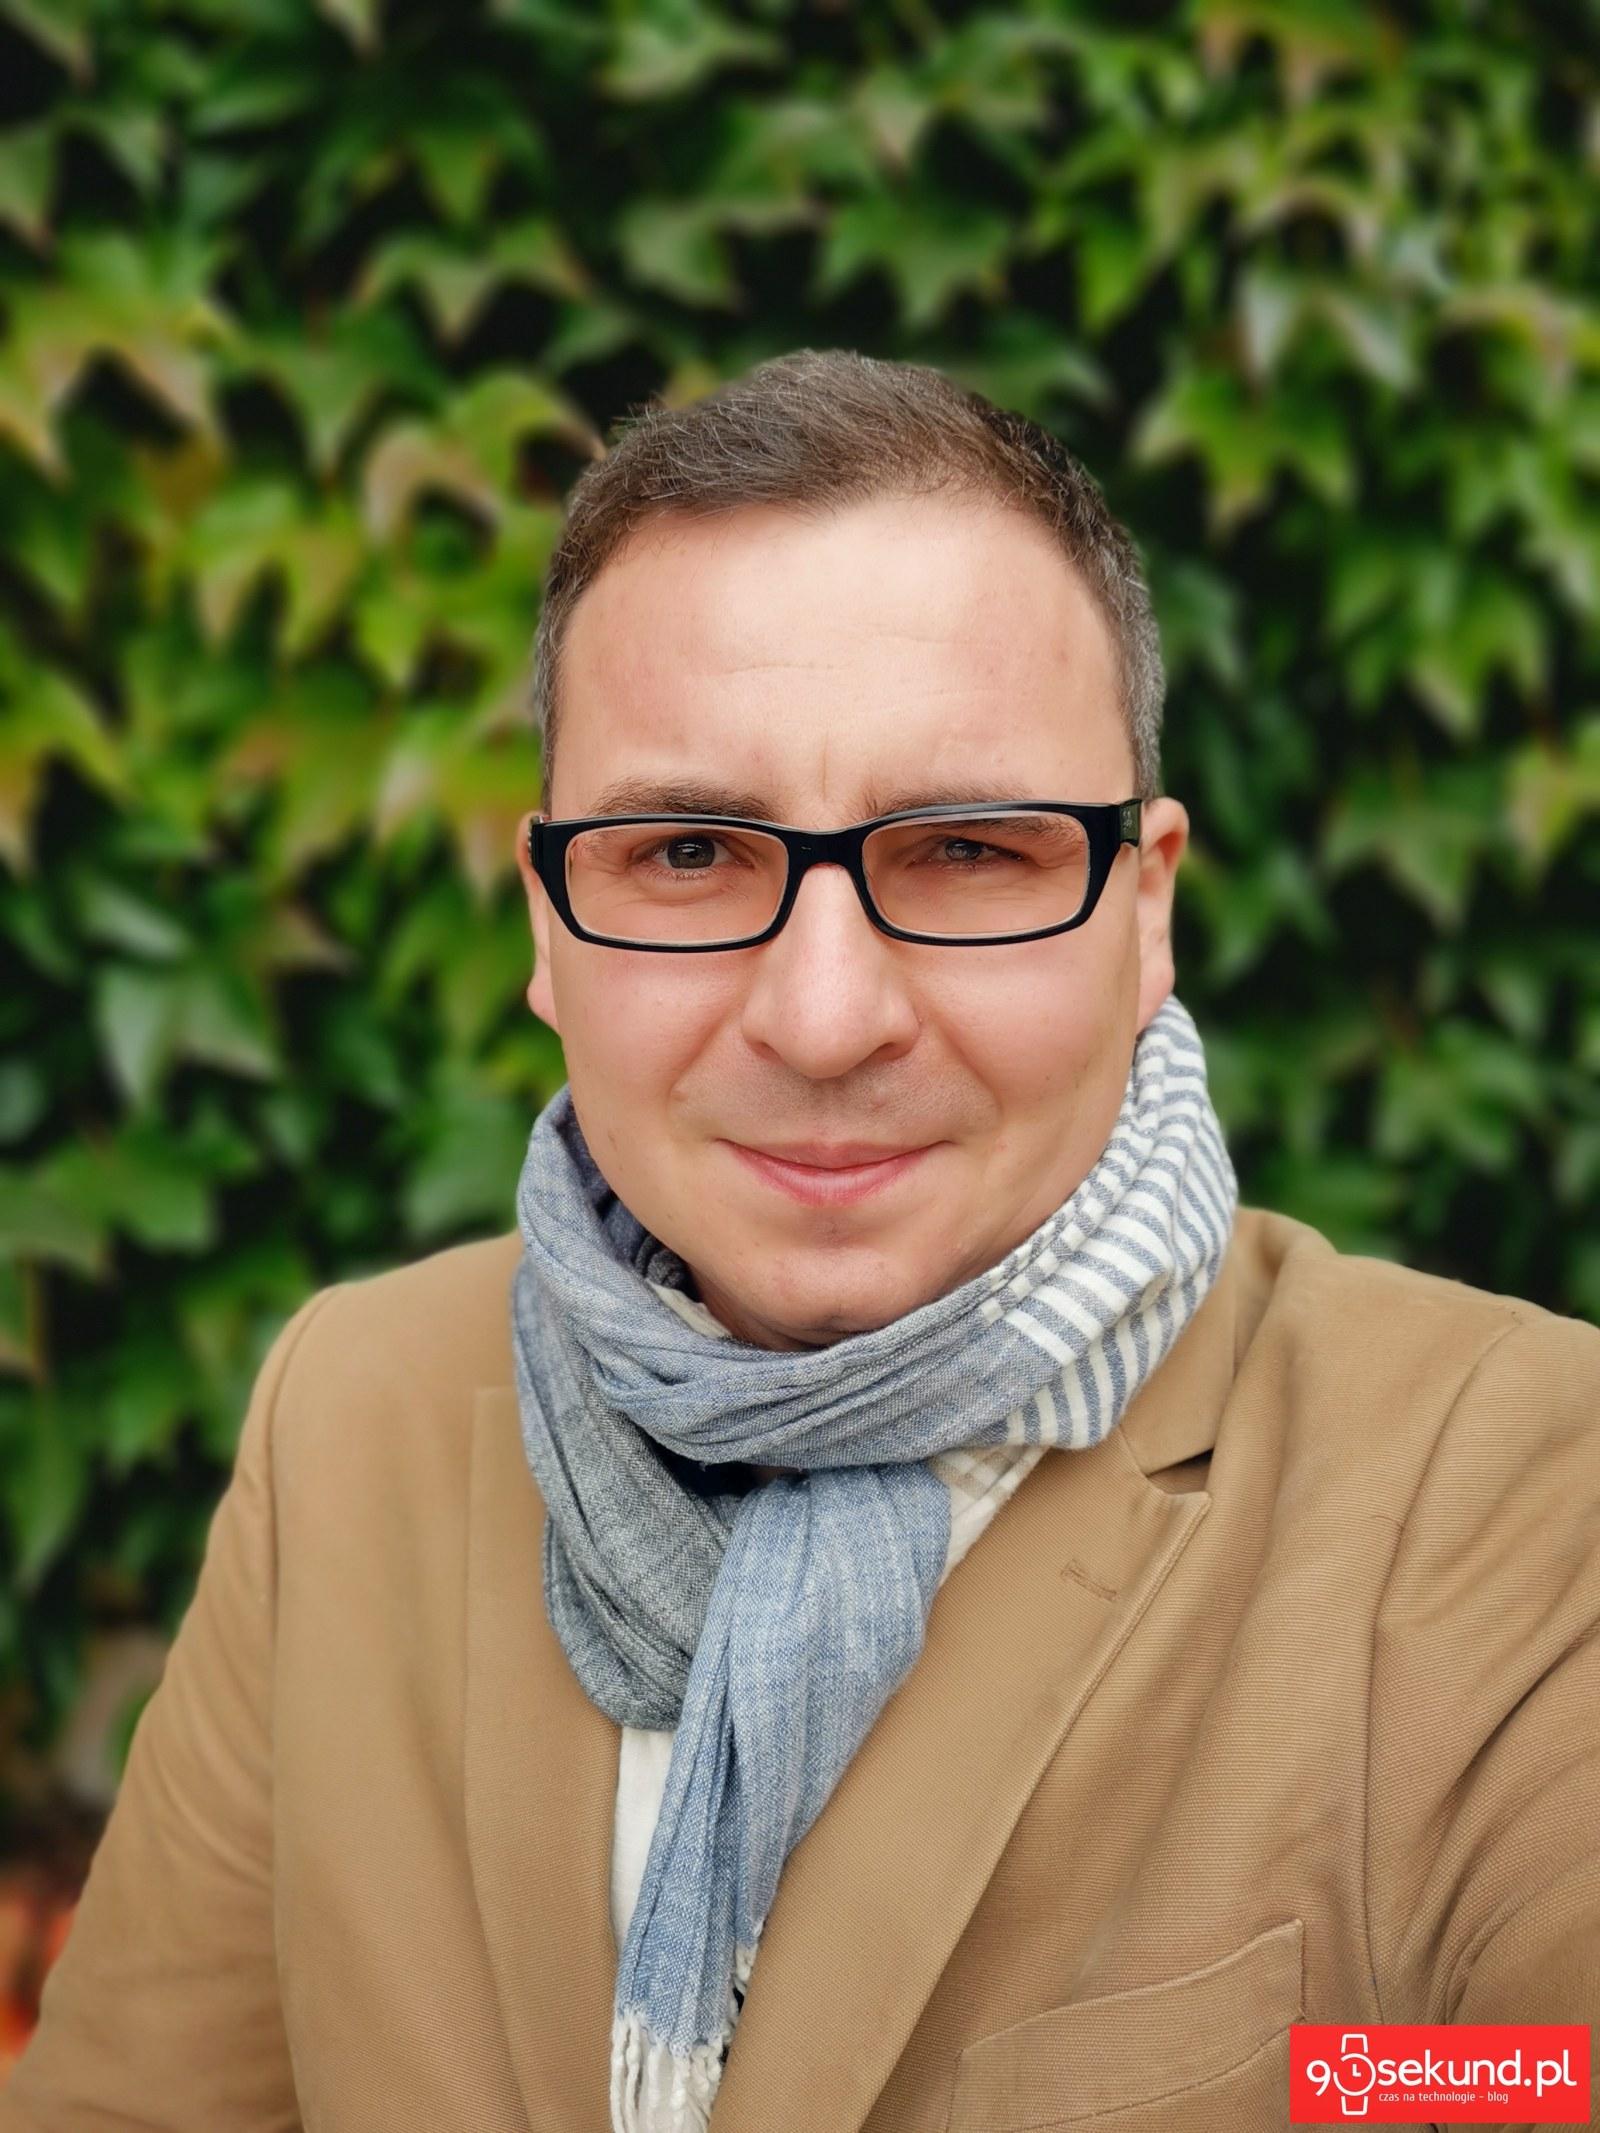 Tryb Portretowy aparat tylny - Huawei Mate 20 Pro - Michał Brożyński - 90sekund.pl